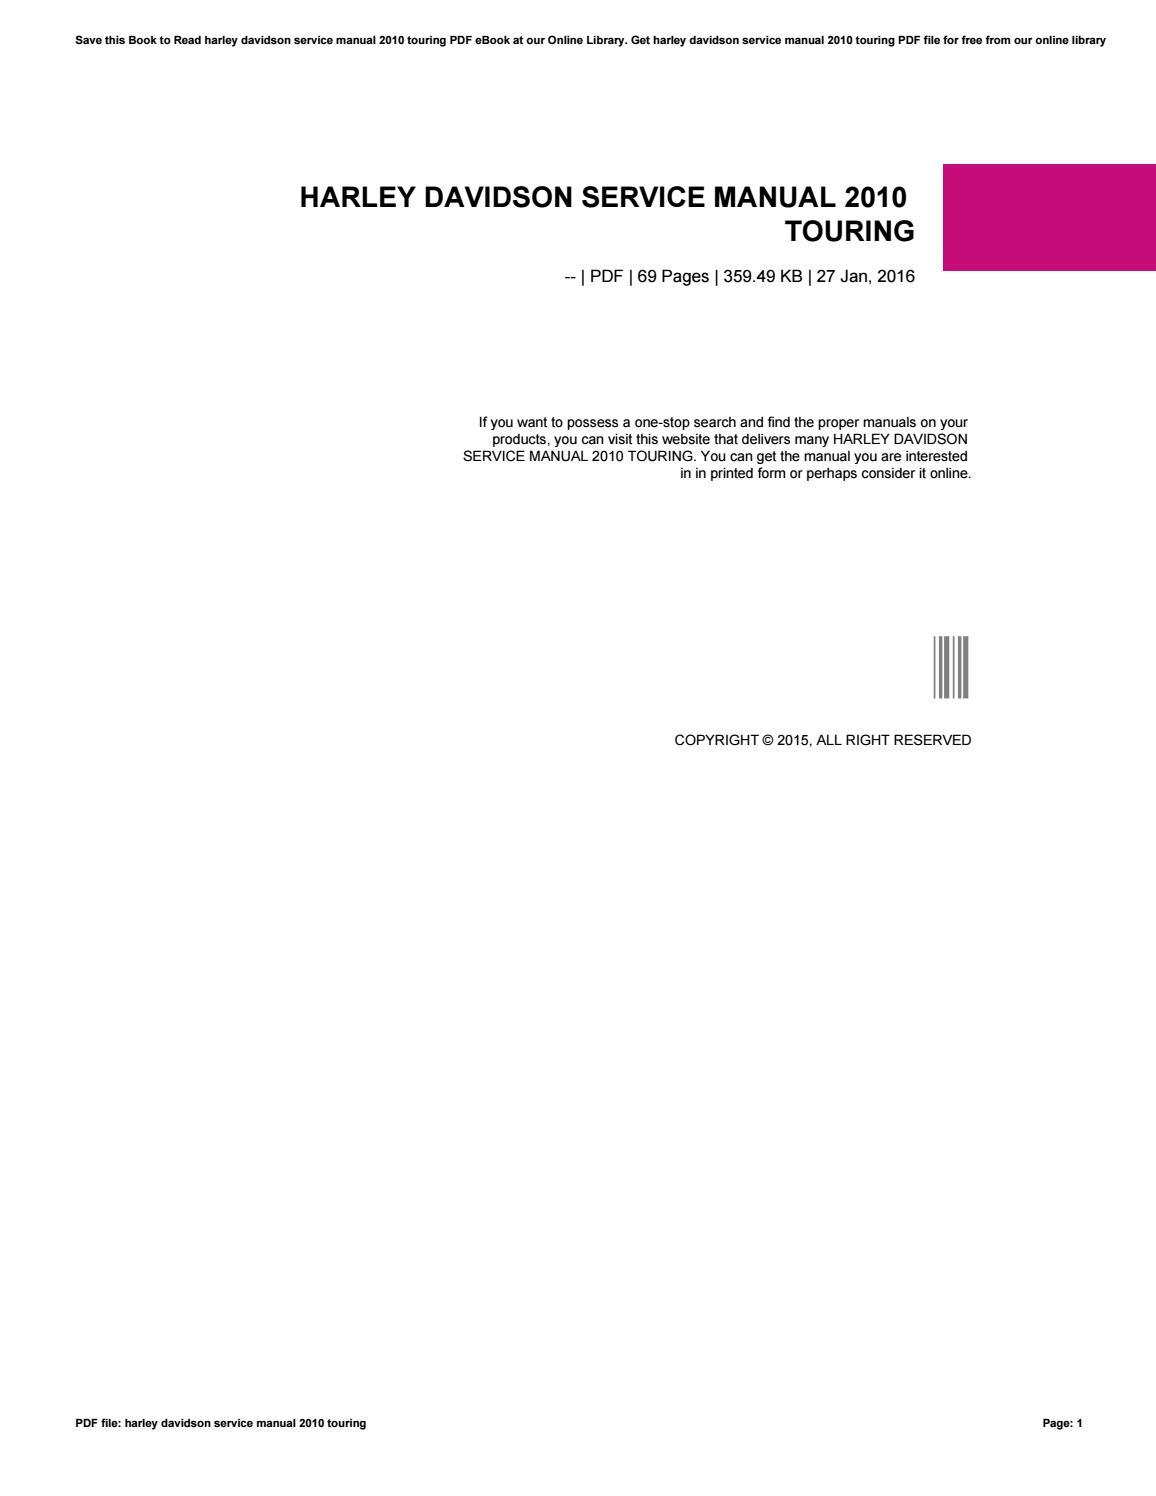 2016 harley davidson touring service manual